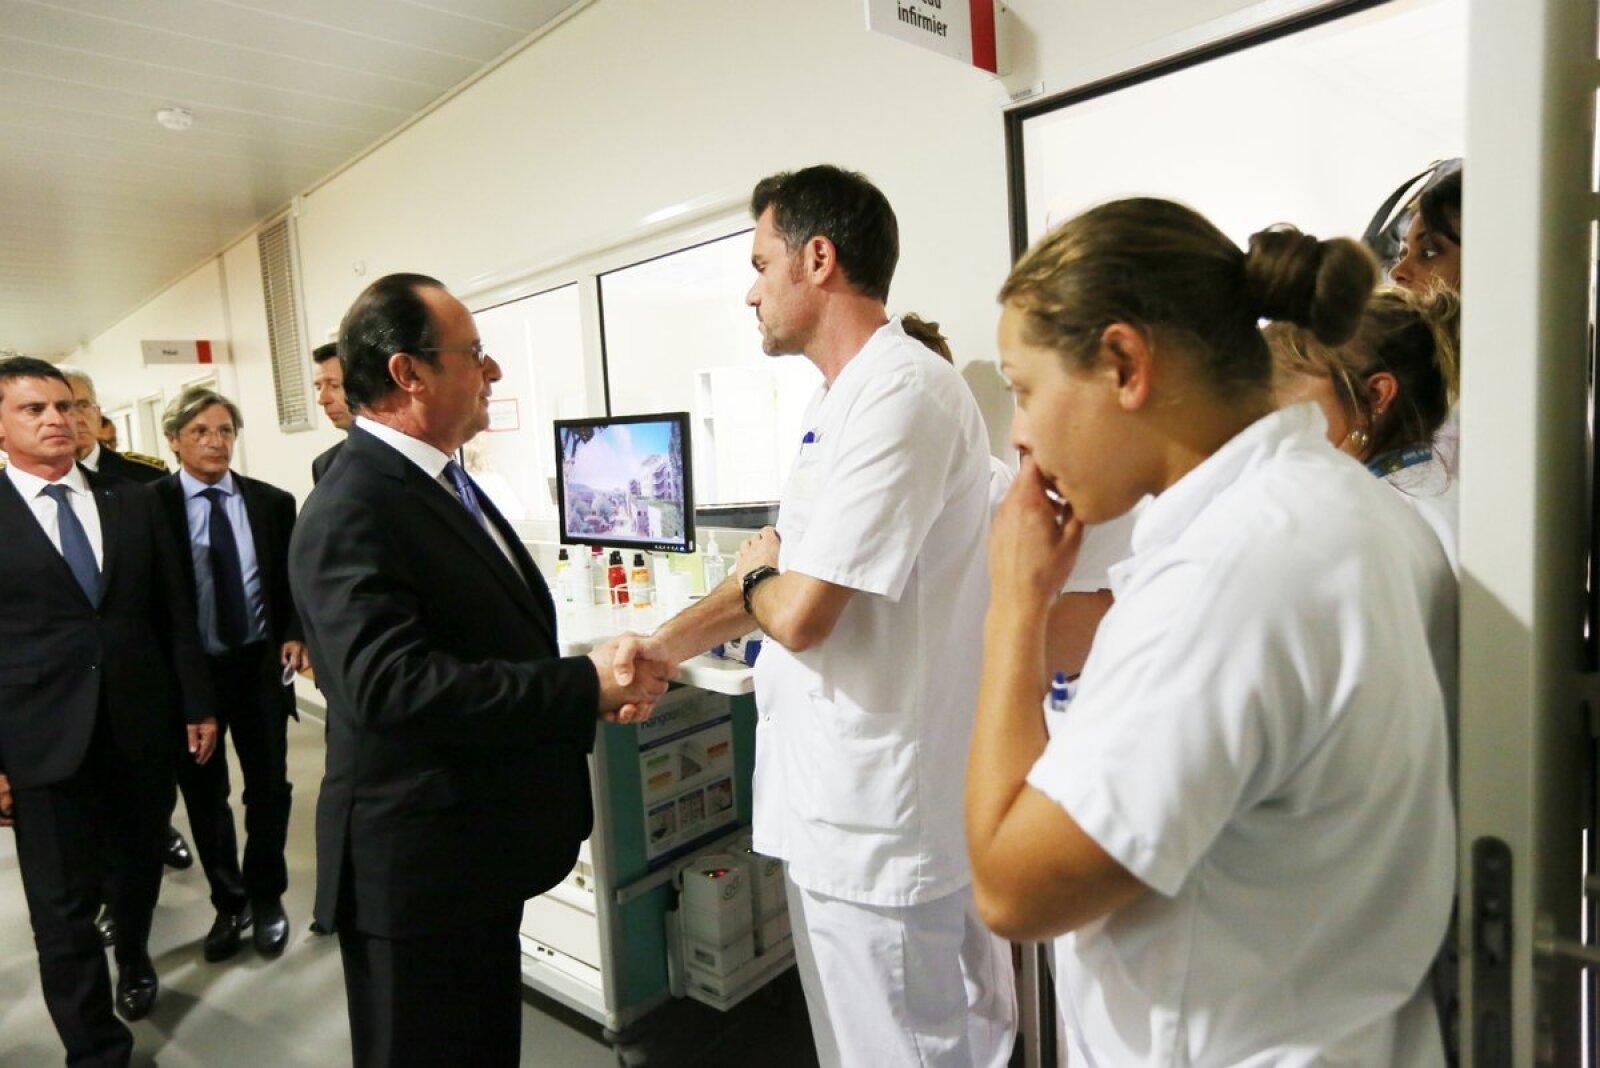 François Hollande, presidente de Francia, realizó una visita a los heridos tras el atentado en Niza.